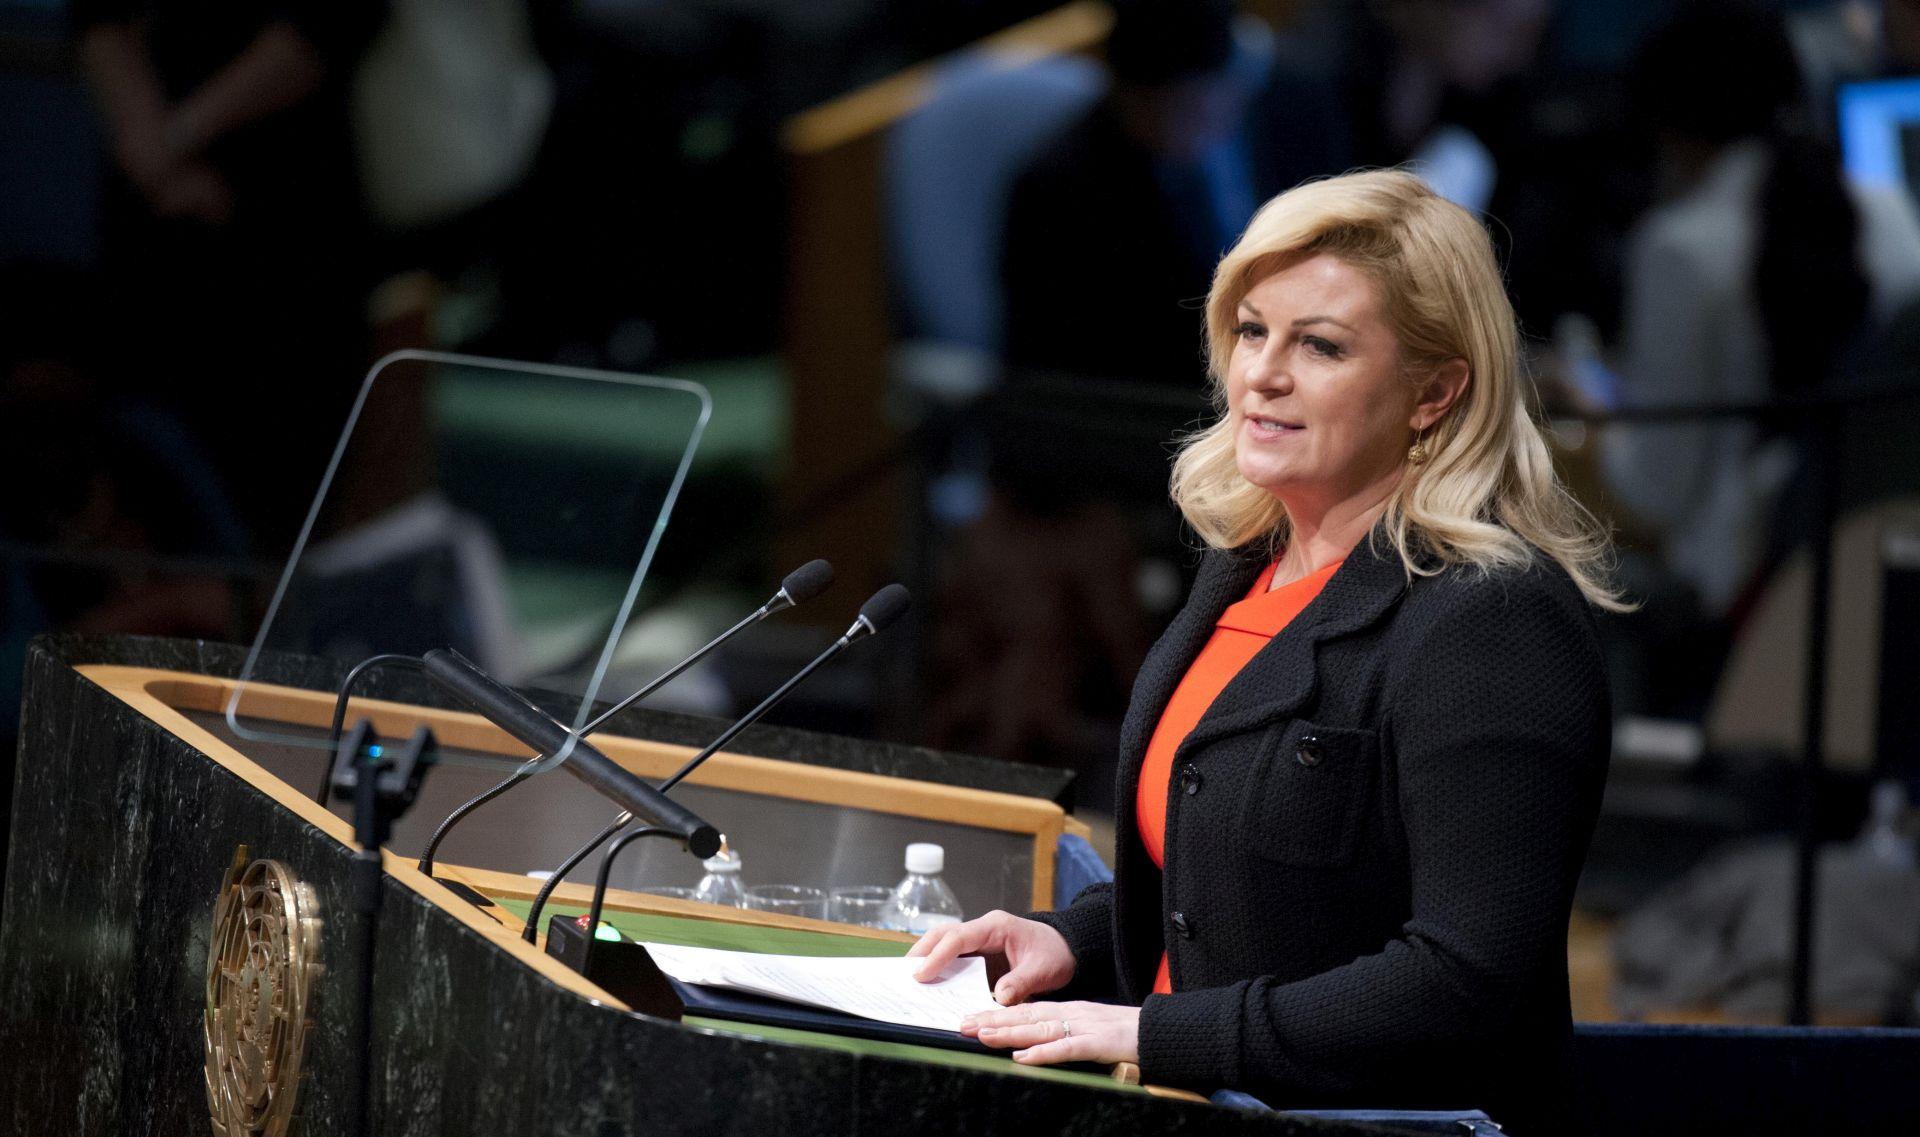 IDUĆI TJEDAN DATUM IZBORA Predsjednica o susretu s Nikolićem: To je njihovo viđenje